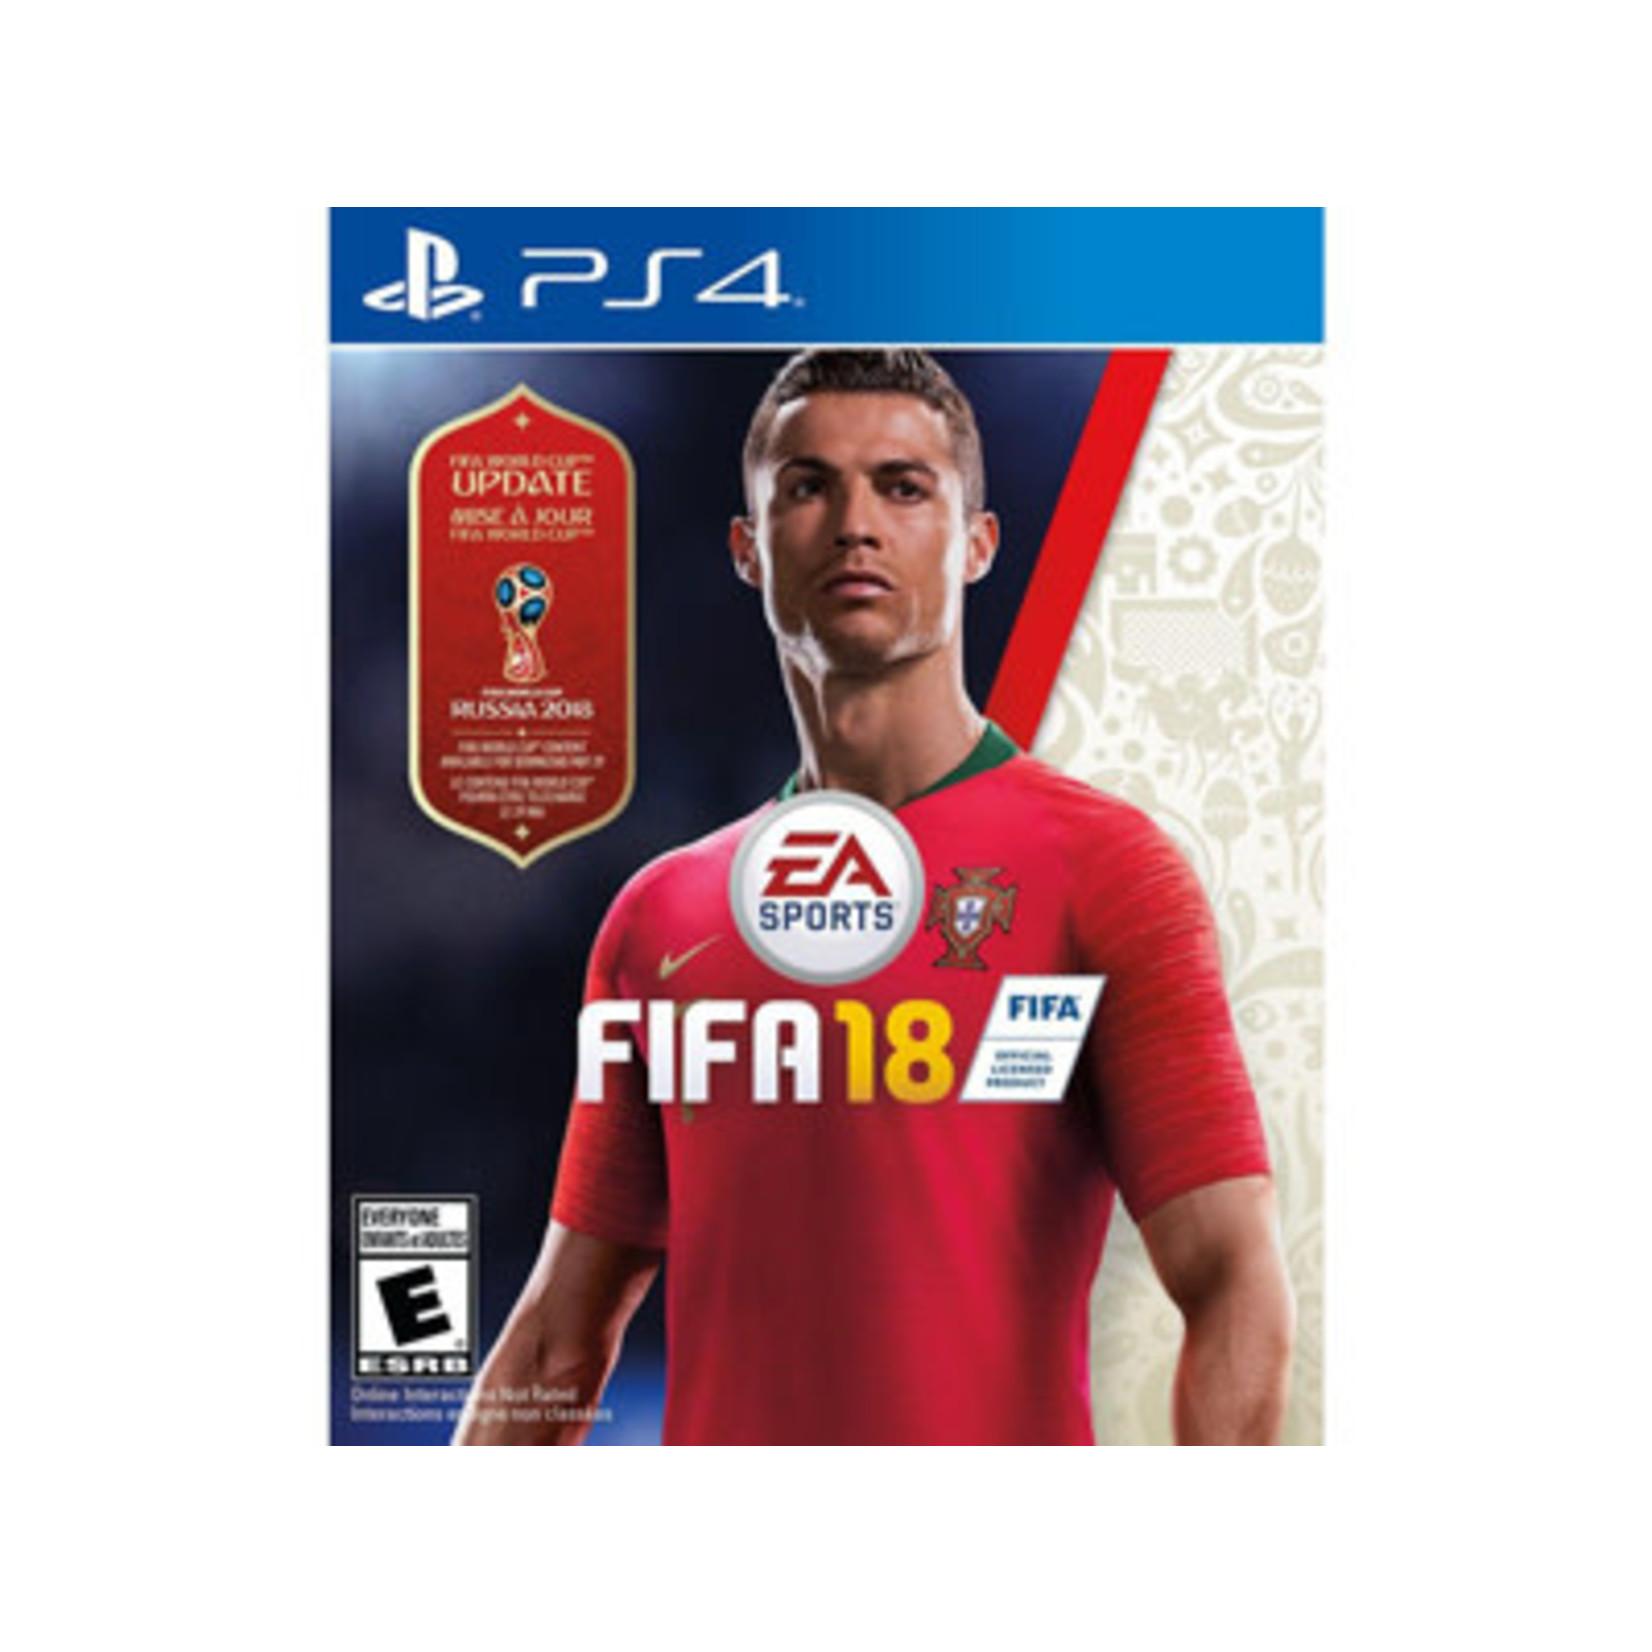 PS4U-FIFA 18